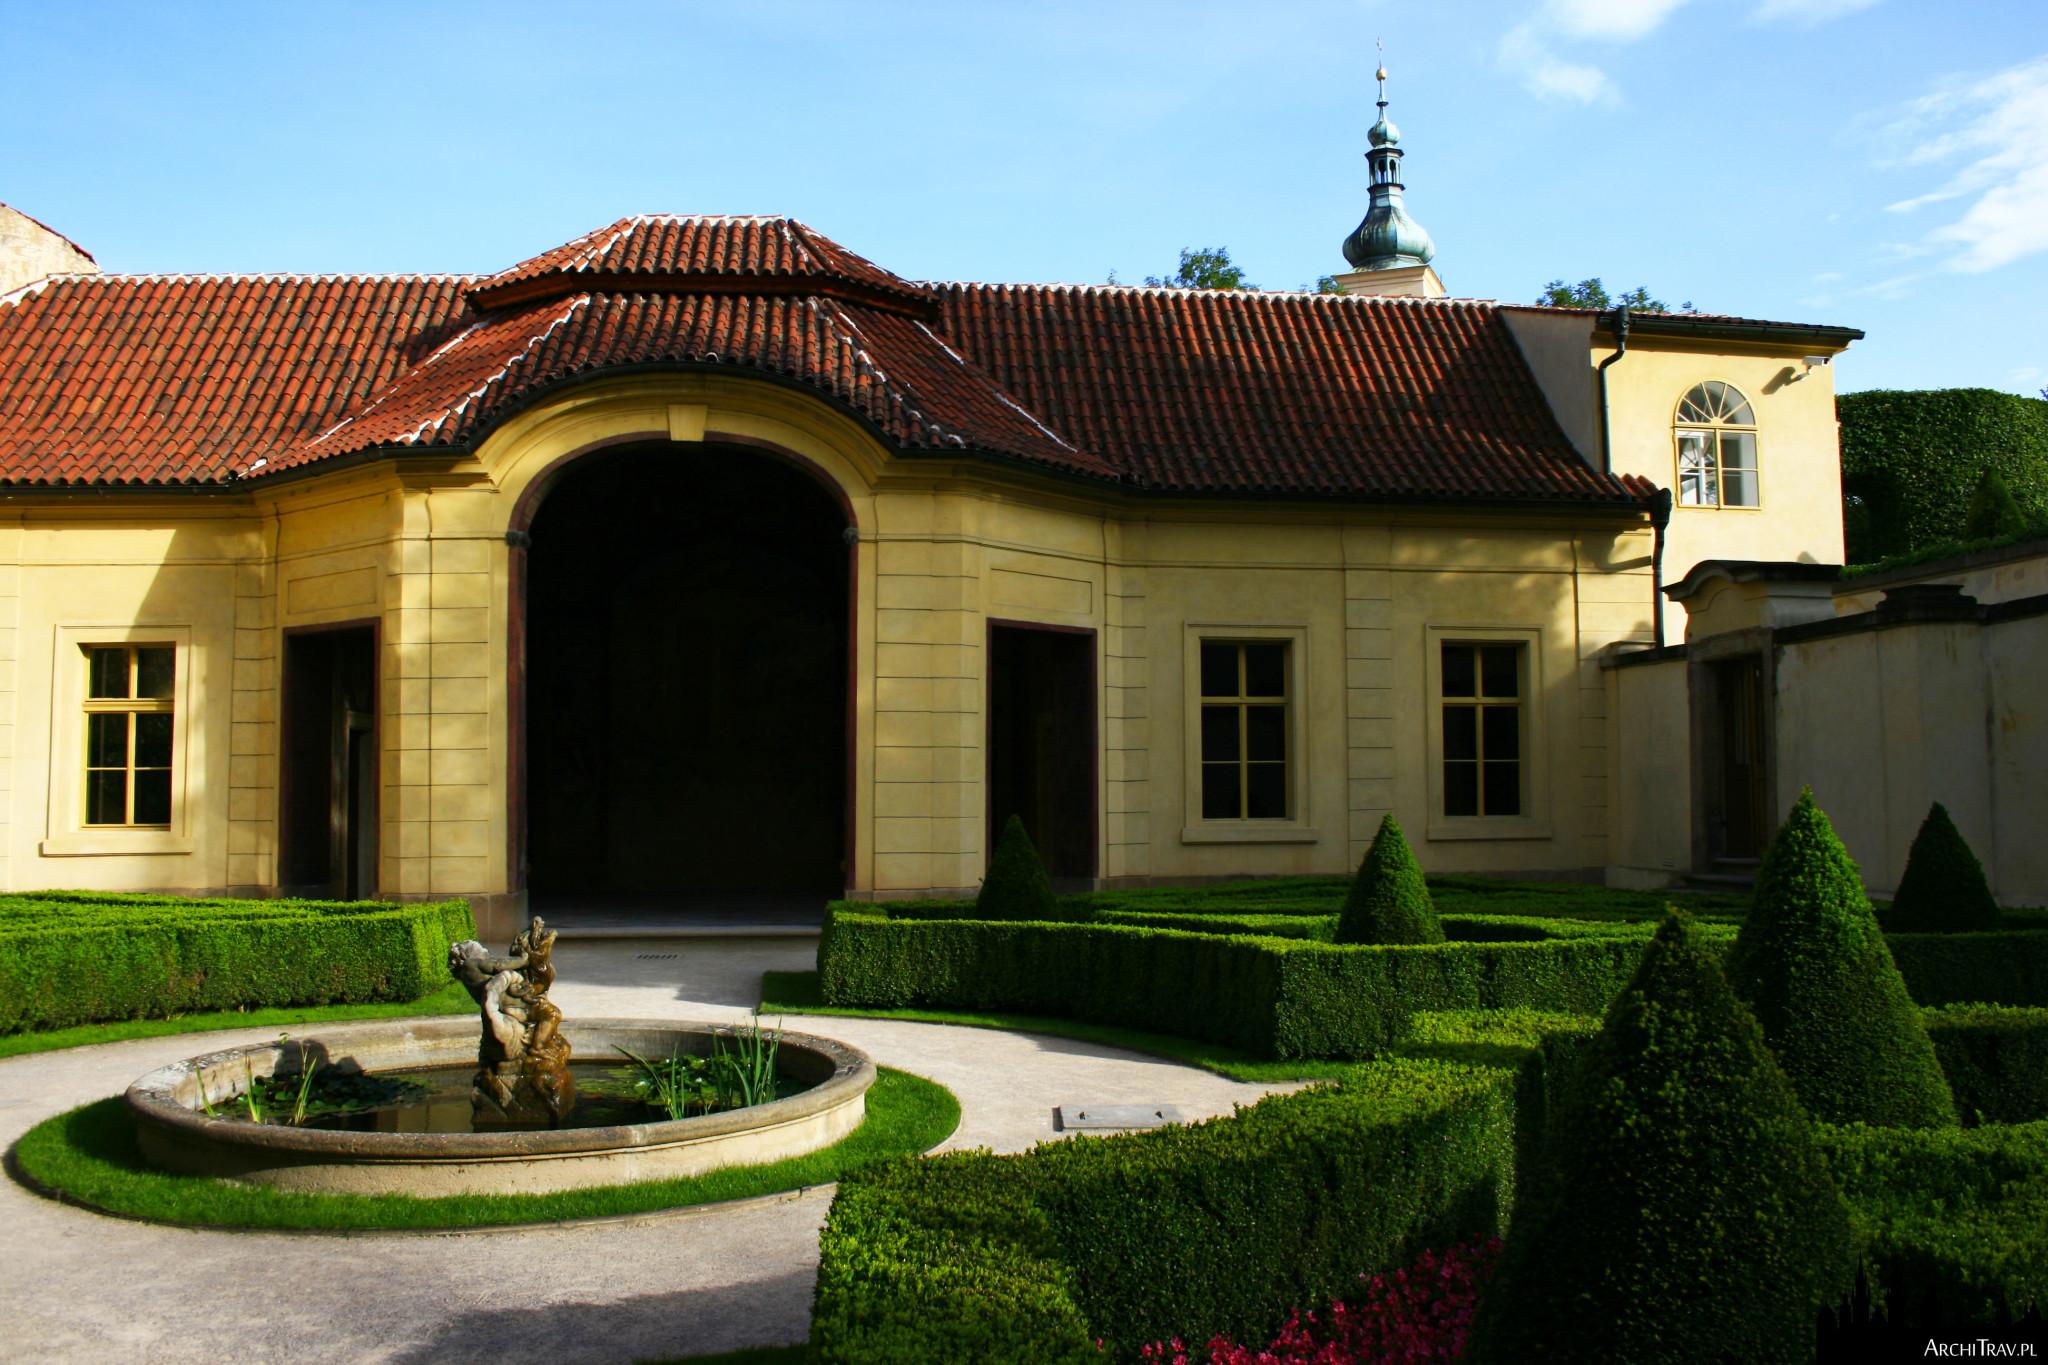 sala terrena i oczko wodne w Ogrodzie Vrtbowskim w Pradze